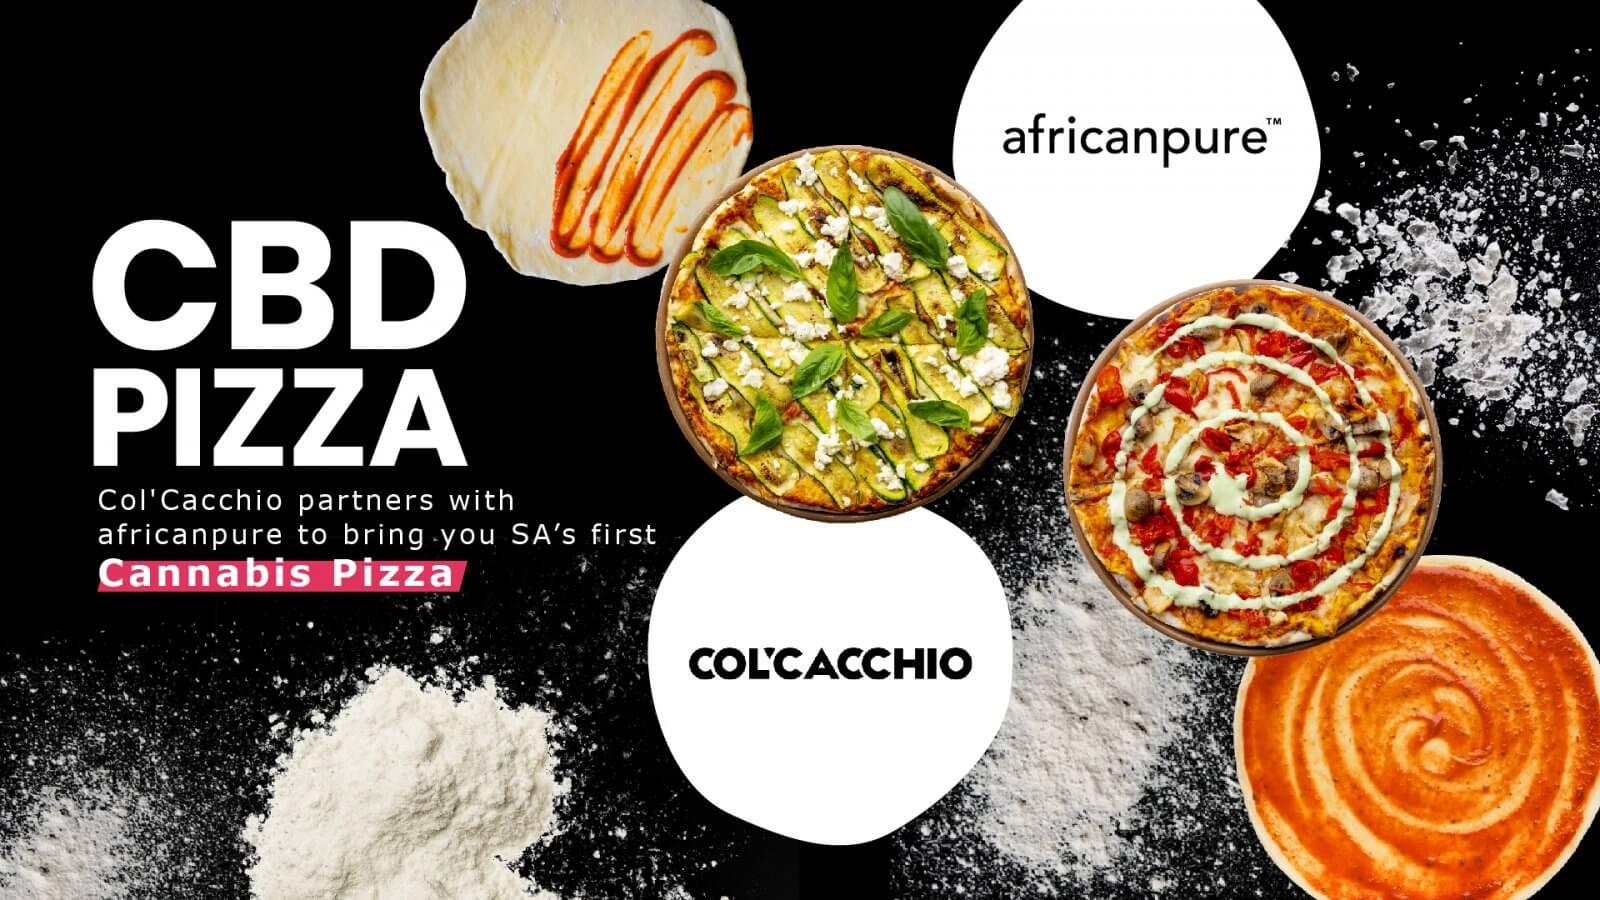 Sieć Restauracji w Południowej Afryce Oferuje Cannbisową Pizzę, Dutch Seeds